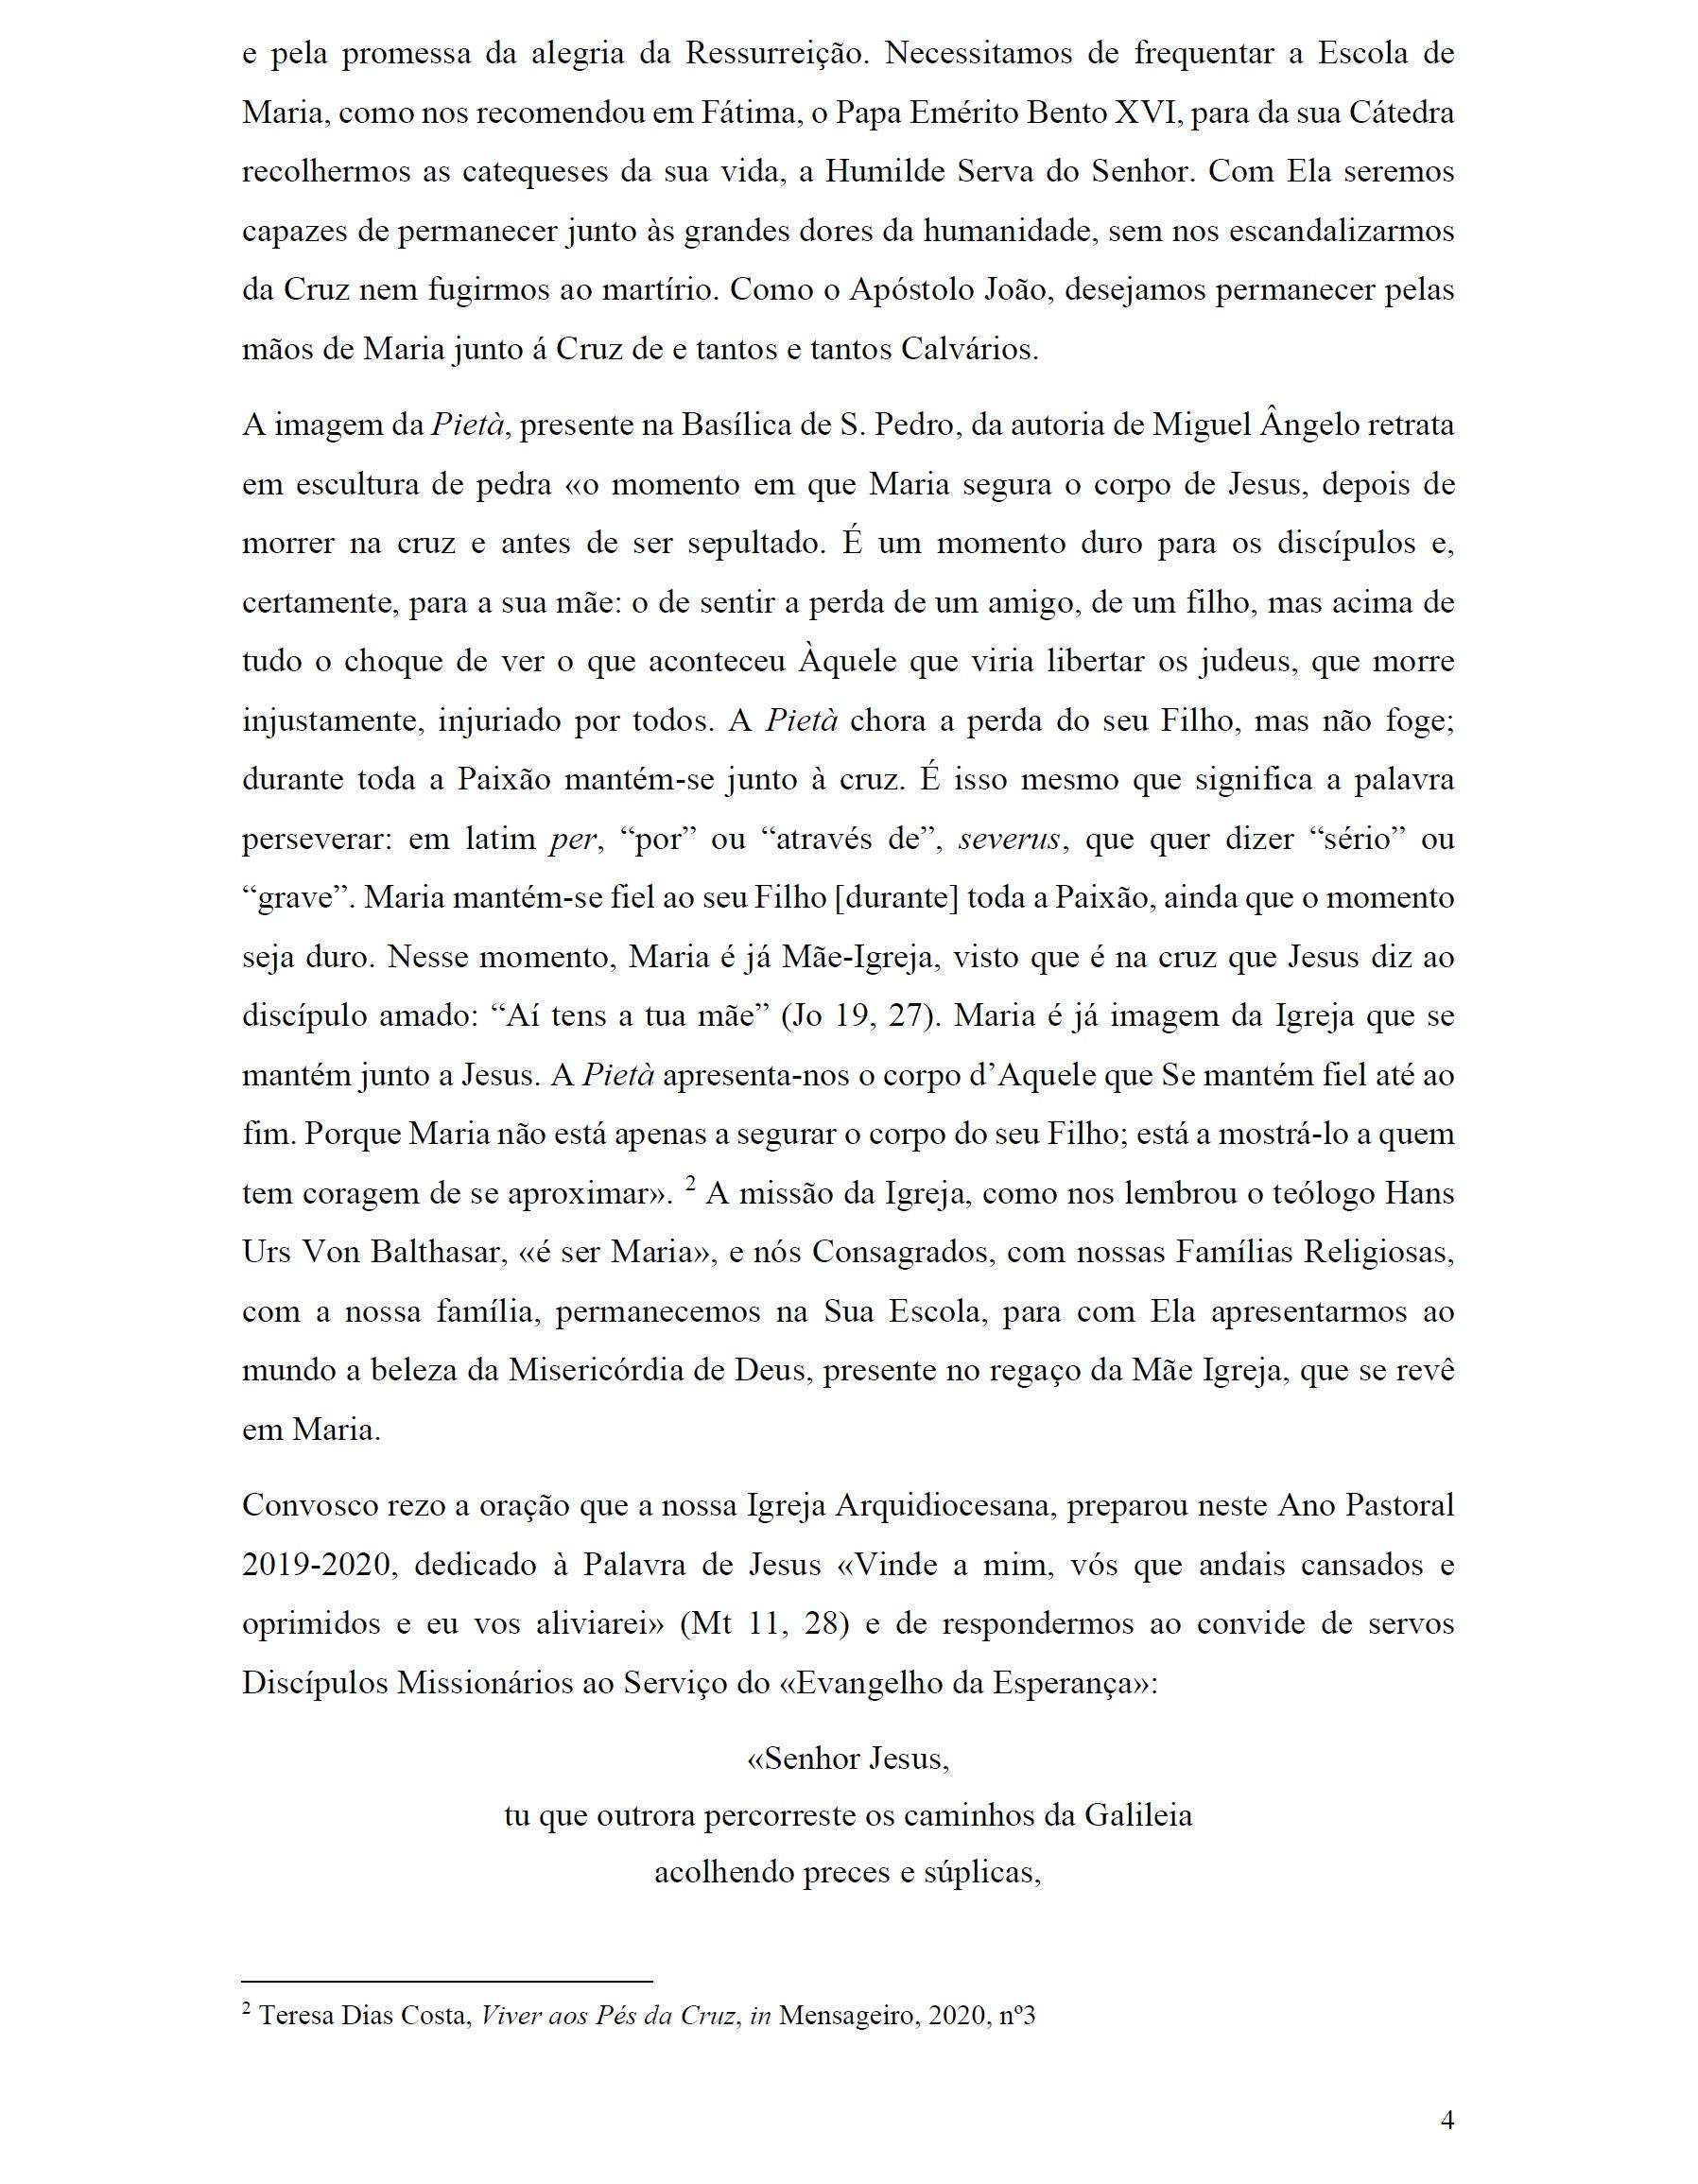 4 - Carta às comunidades religiosas 03_04_2020_4